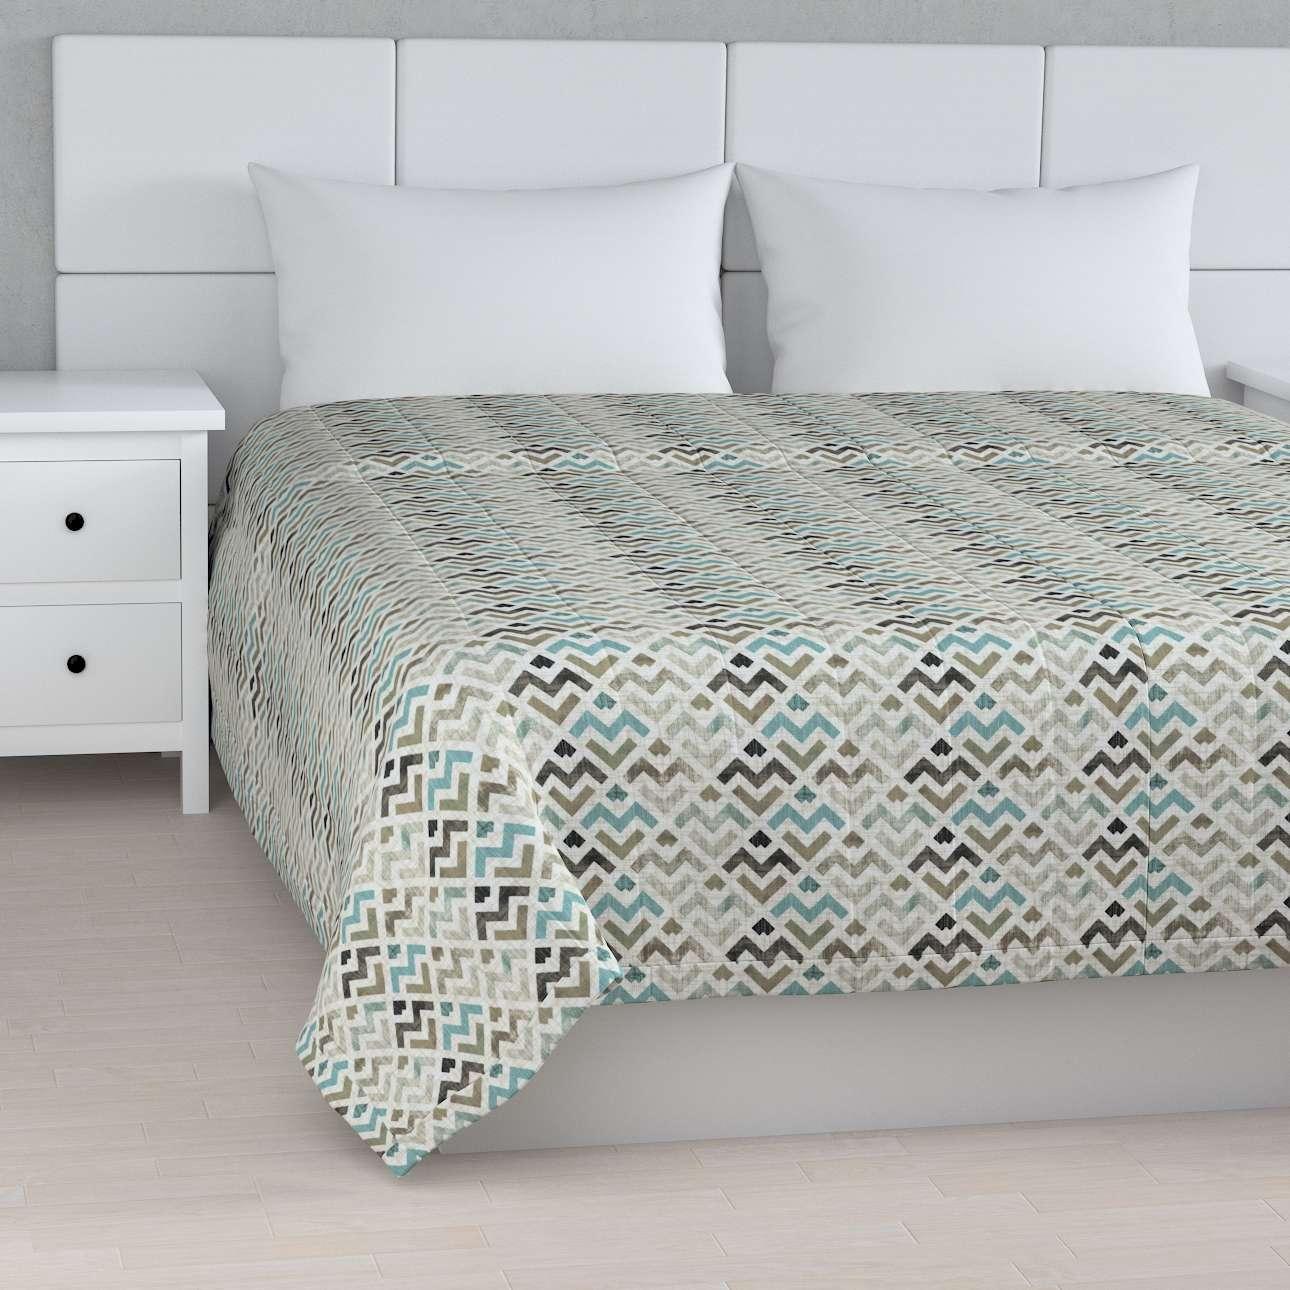 Päiväpeitto tikattu raidat mallistosta Modern, Kangas: 141-93